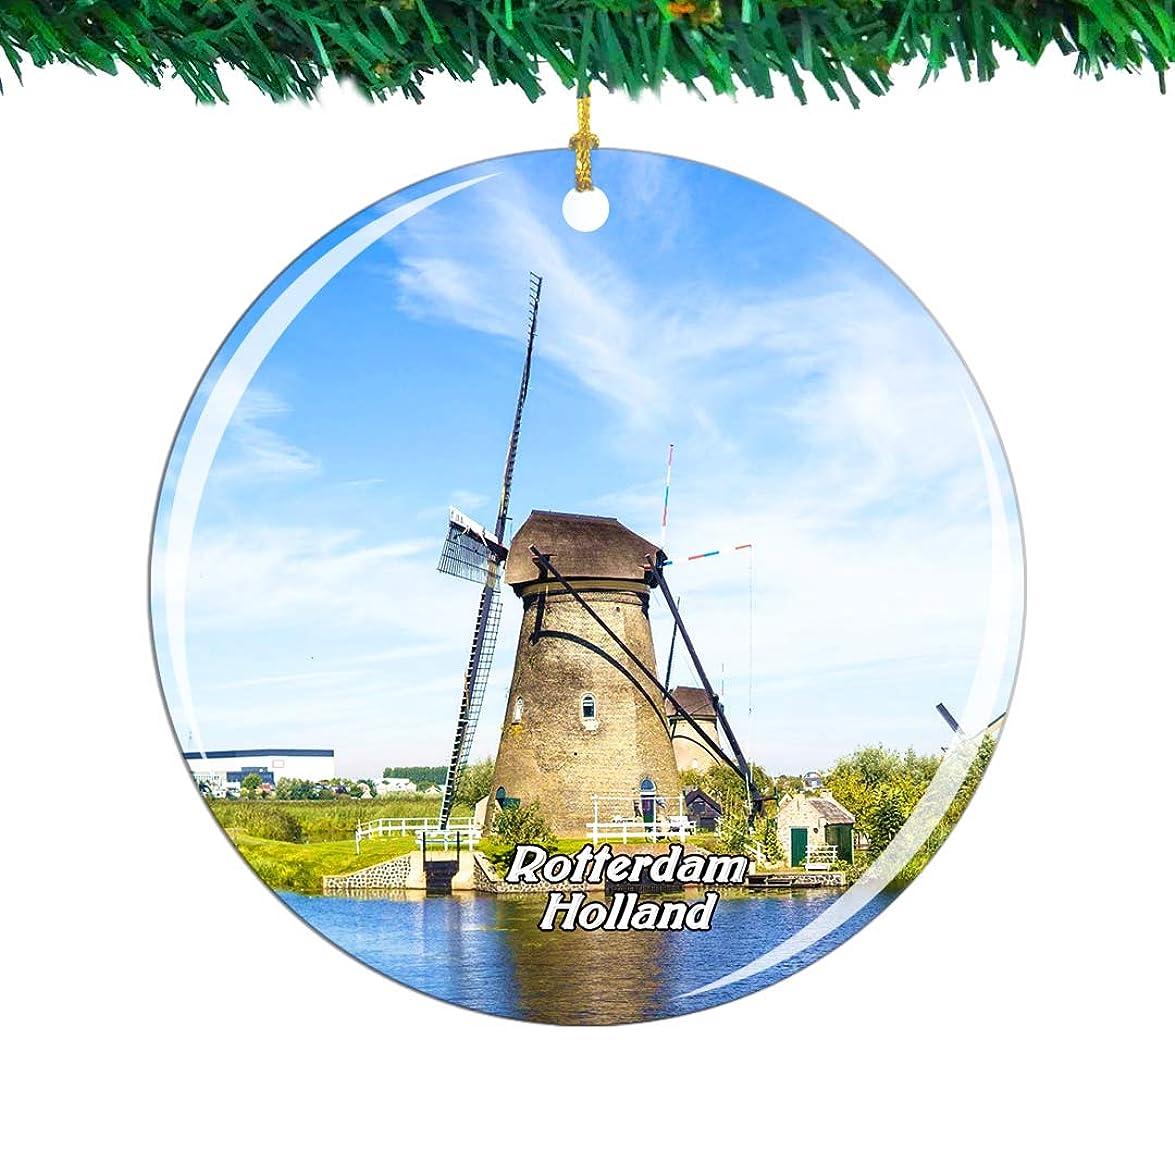 静的非常にいくつかのWeekino Holland Kinderdjik Rotterdamクリスマスオーナメントシティ旅行お土産コレクション両面 磁器2.85インチ ぶら下がっている木の装飾